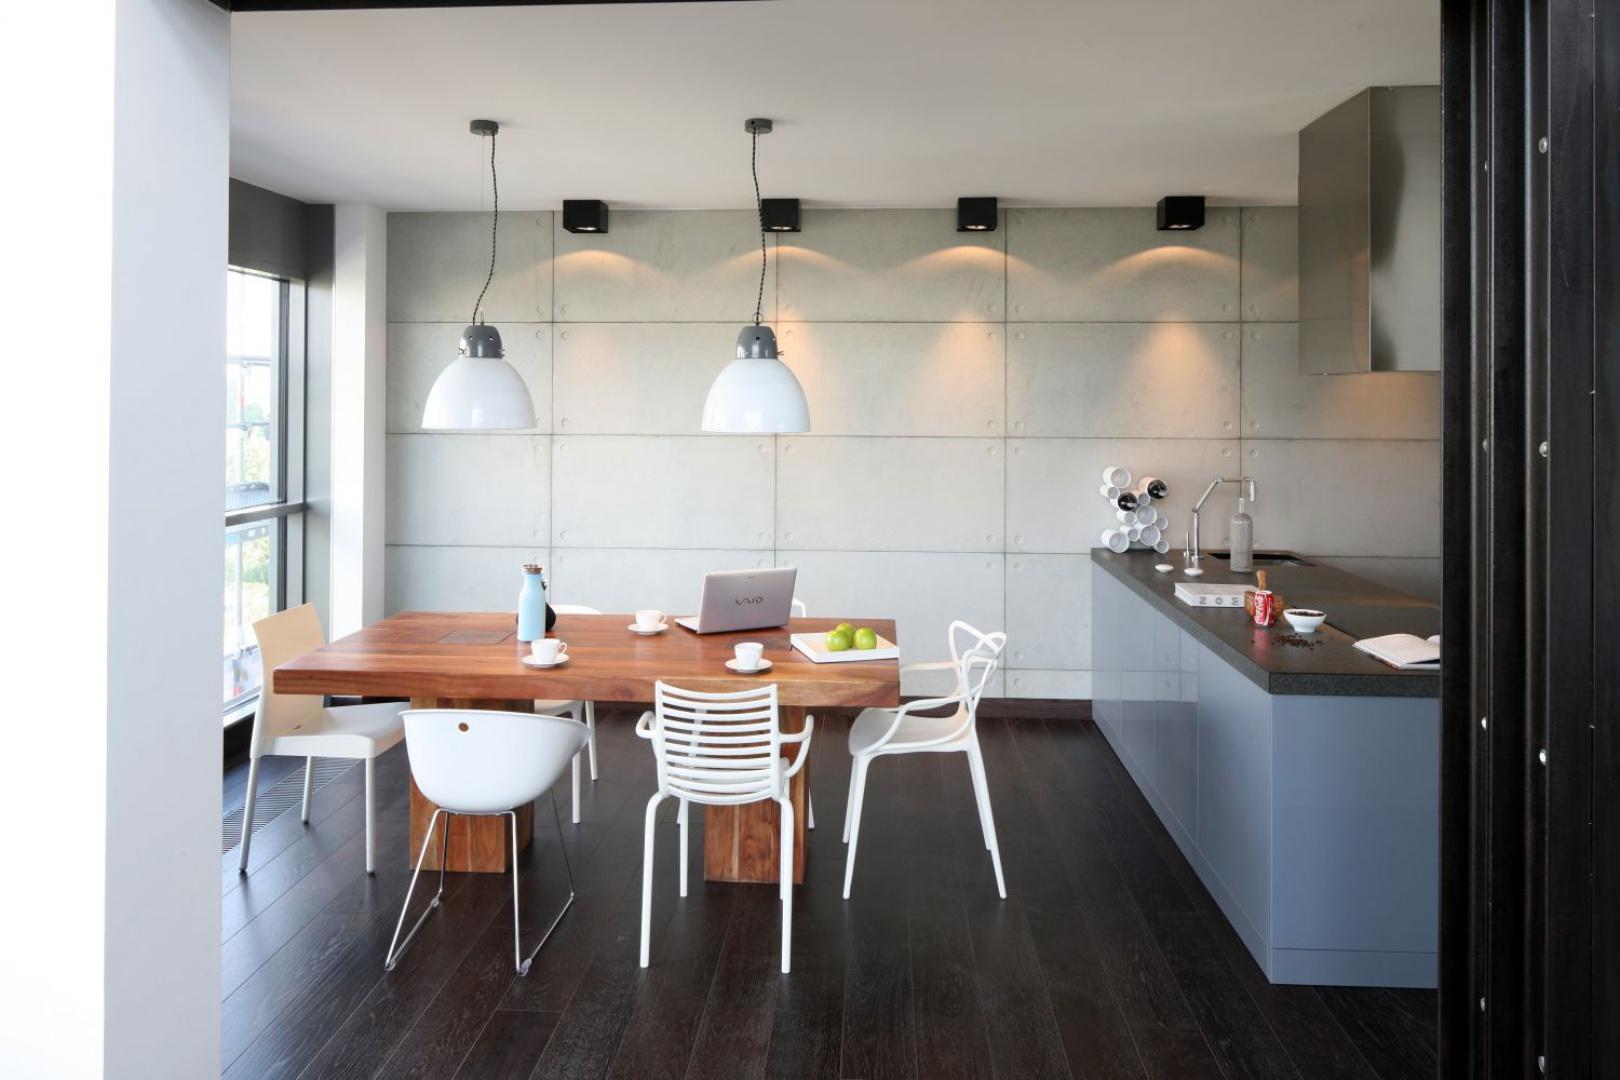 Prostokątne betonowe płyty rozciągają się wzdłuż kuchni i jadalni, spajając ze sobą wizualnie obie przestrzenie. Projekt: Justyna Smolec. Fot. Bartosz Jarosz.